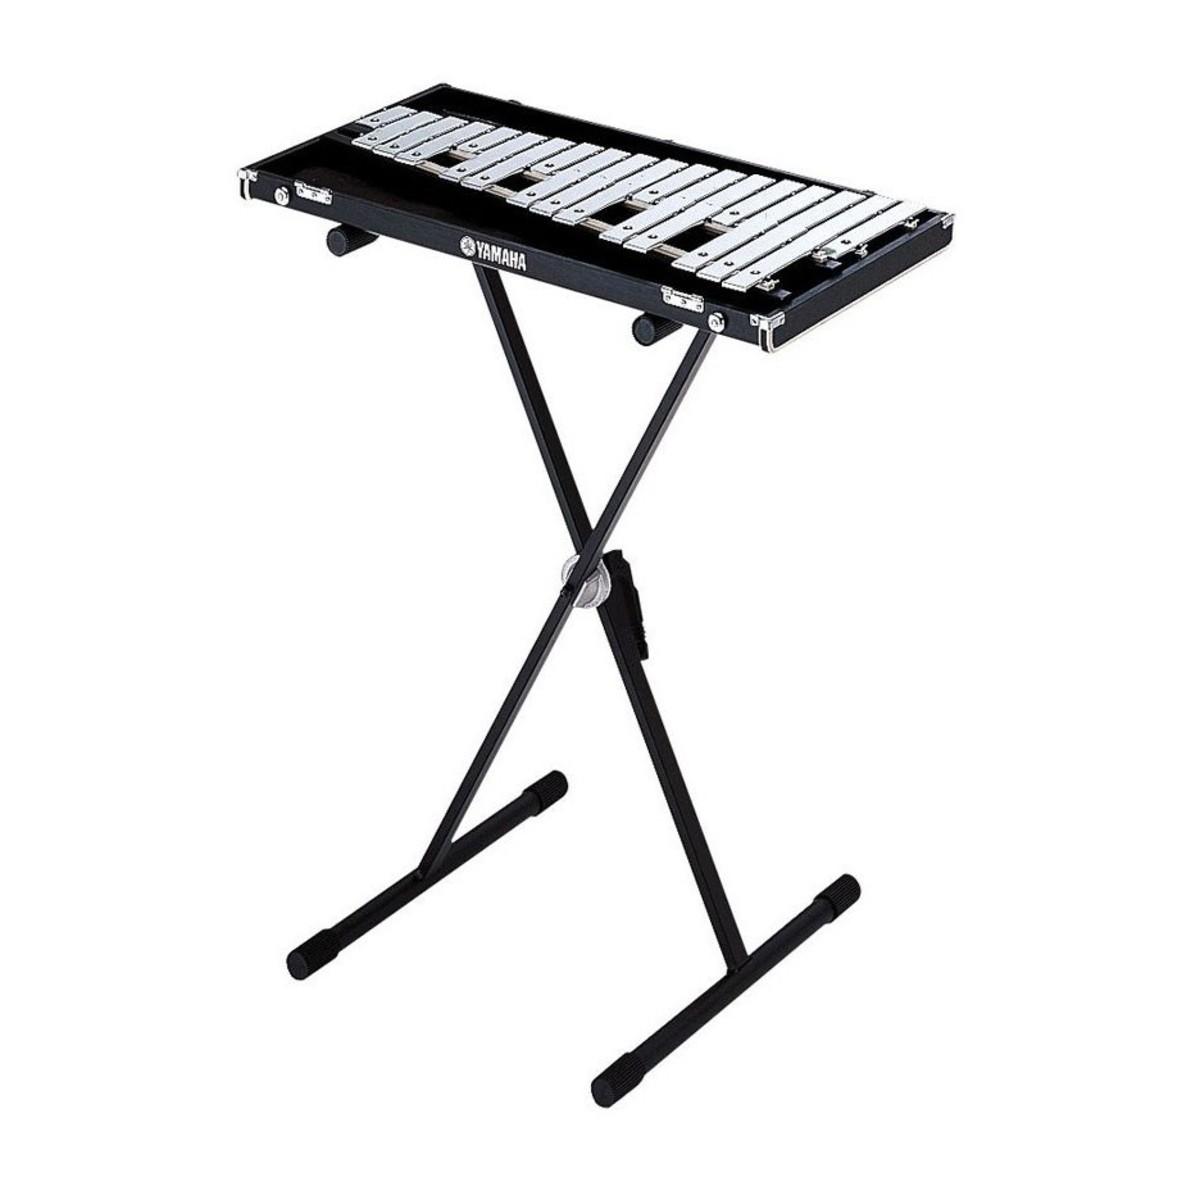 Yamaha Yg250d Glockenspiel 2 5 Octaves At Gear4music